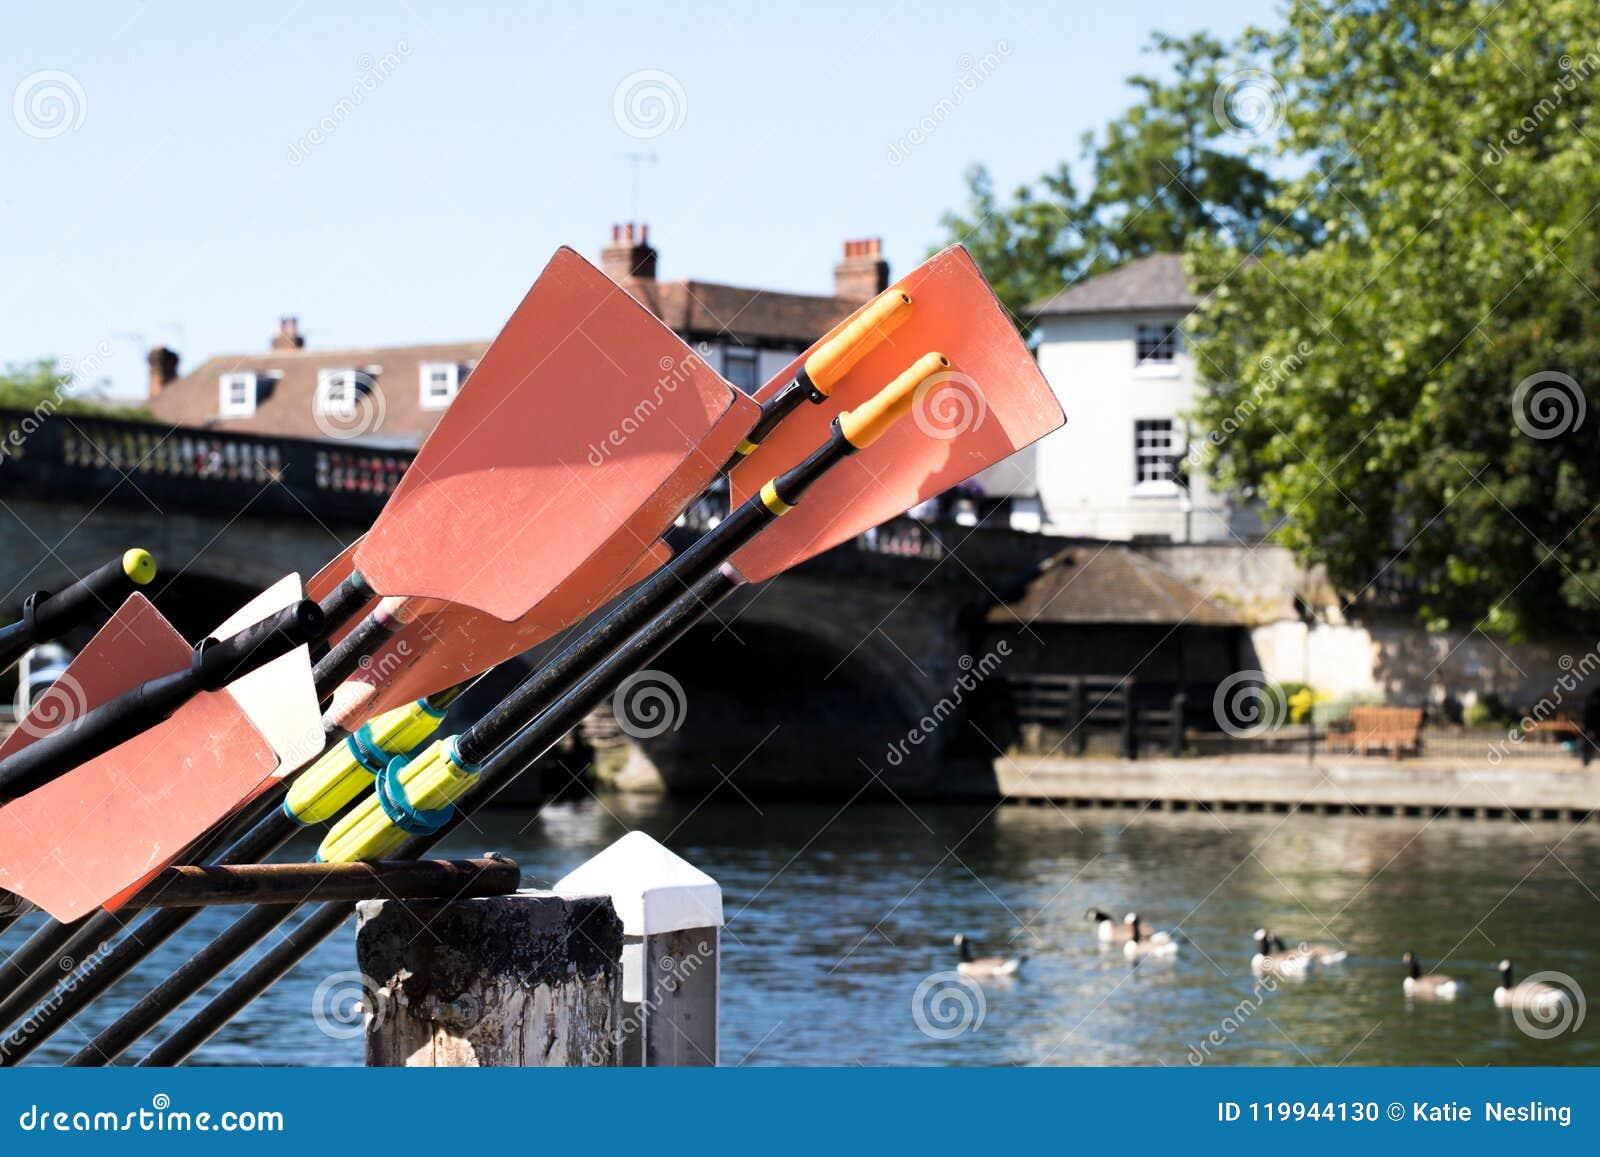 Avirons empilés à côté de la Tamise chez Henley On Thames In Oxfords